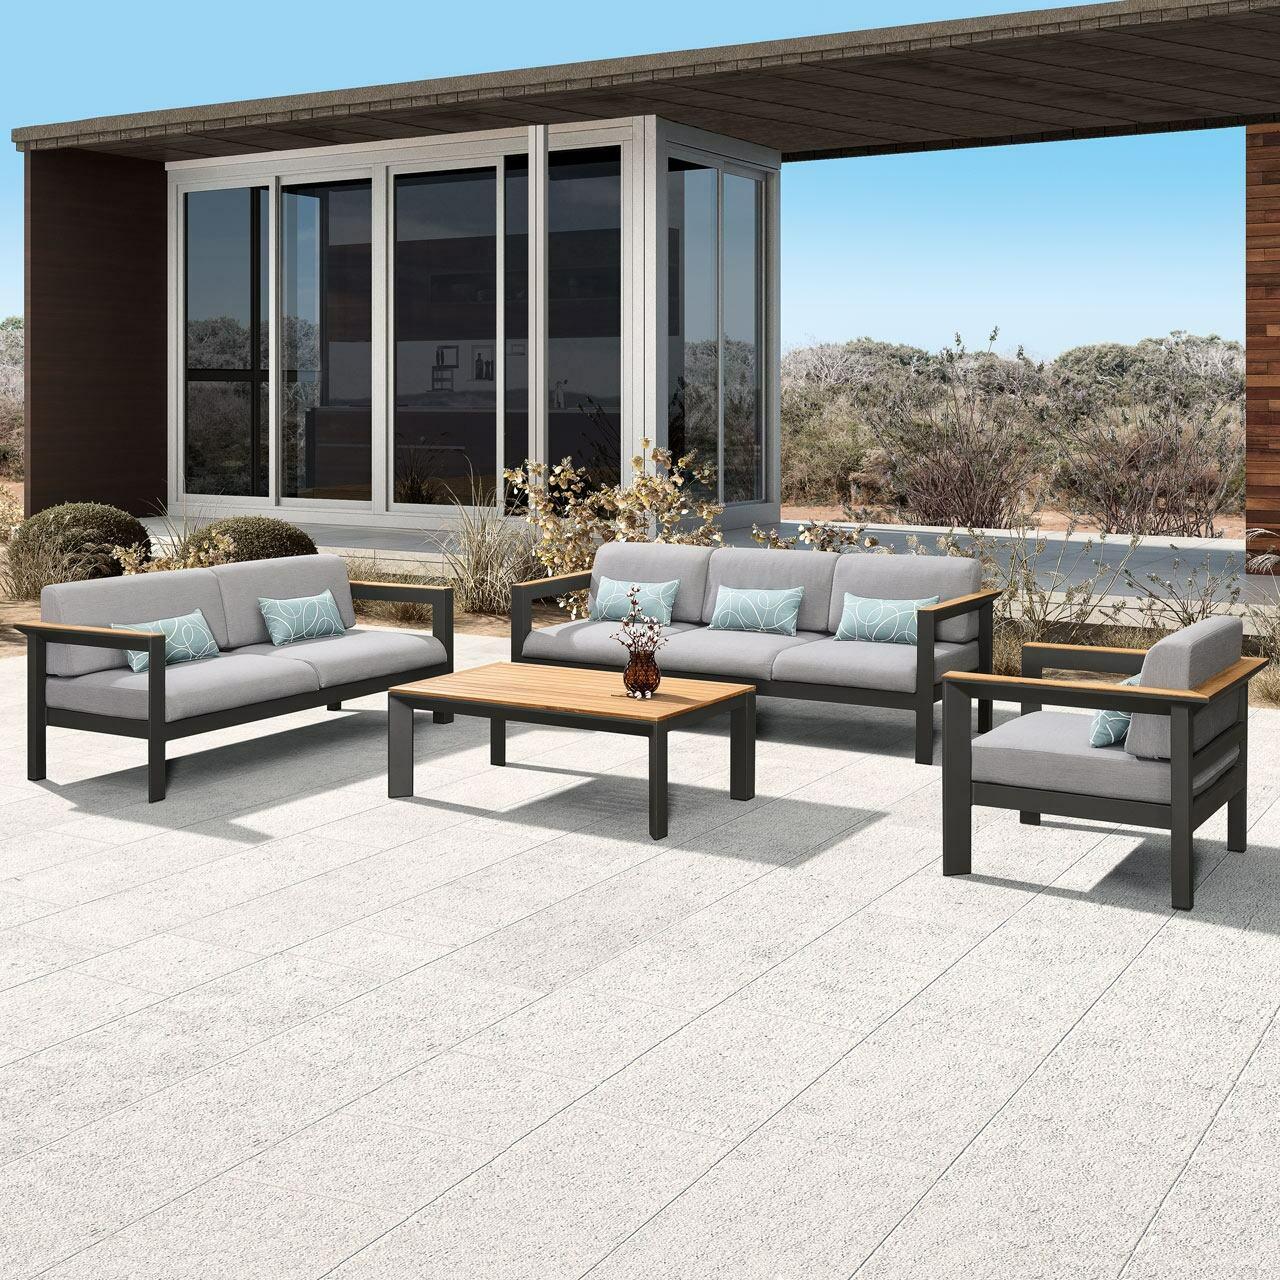 Harrier Luxury Aluminium Garden Sofa & Table Set